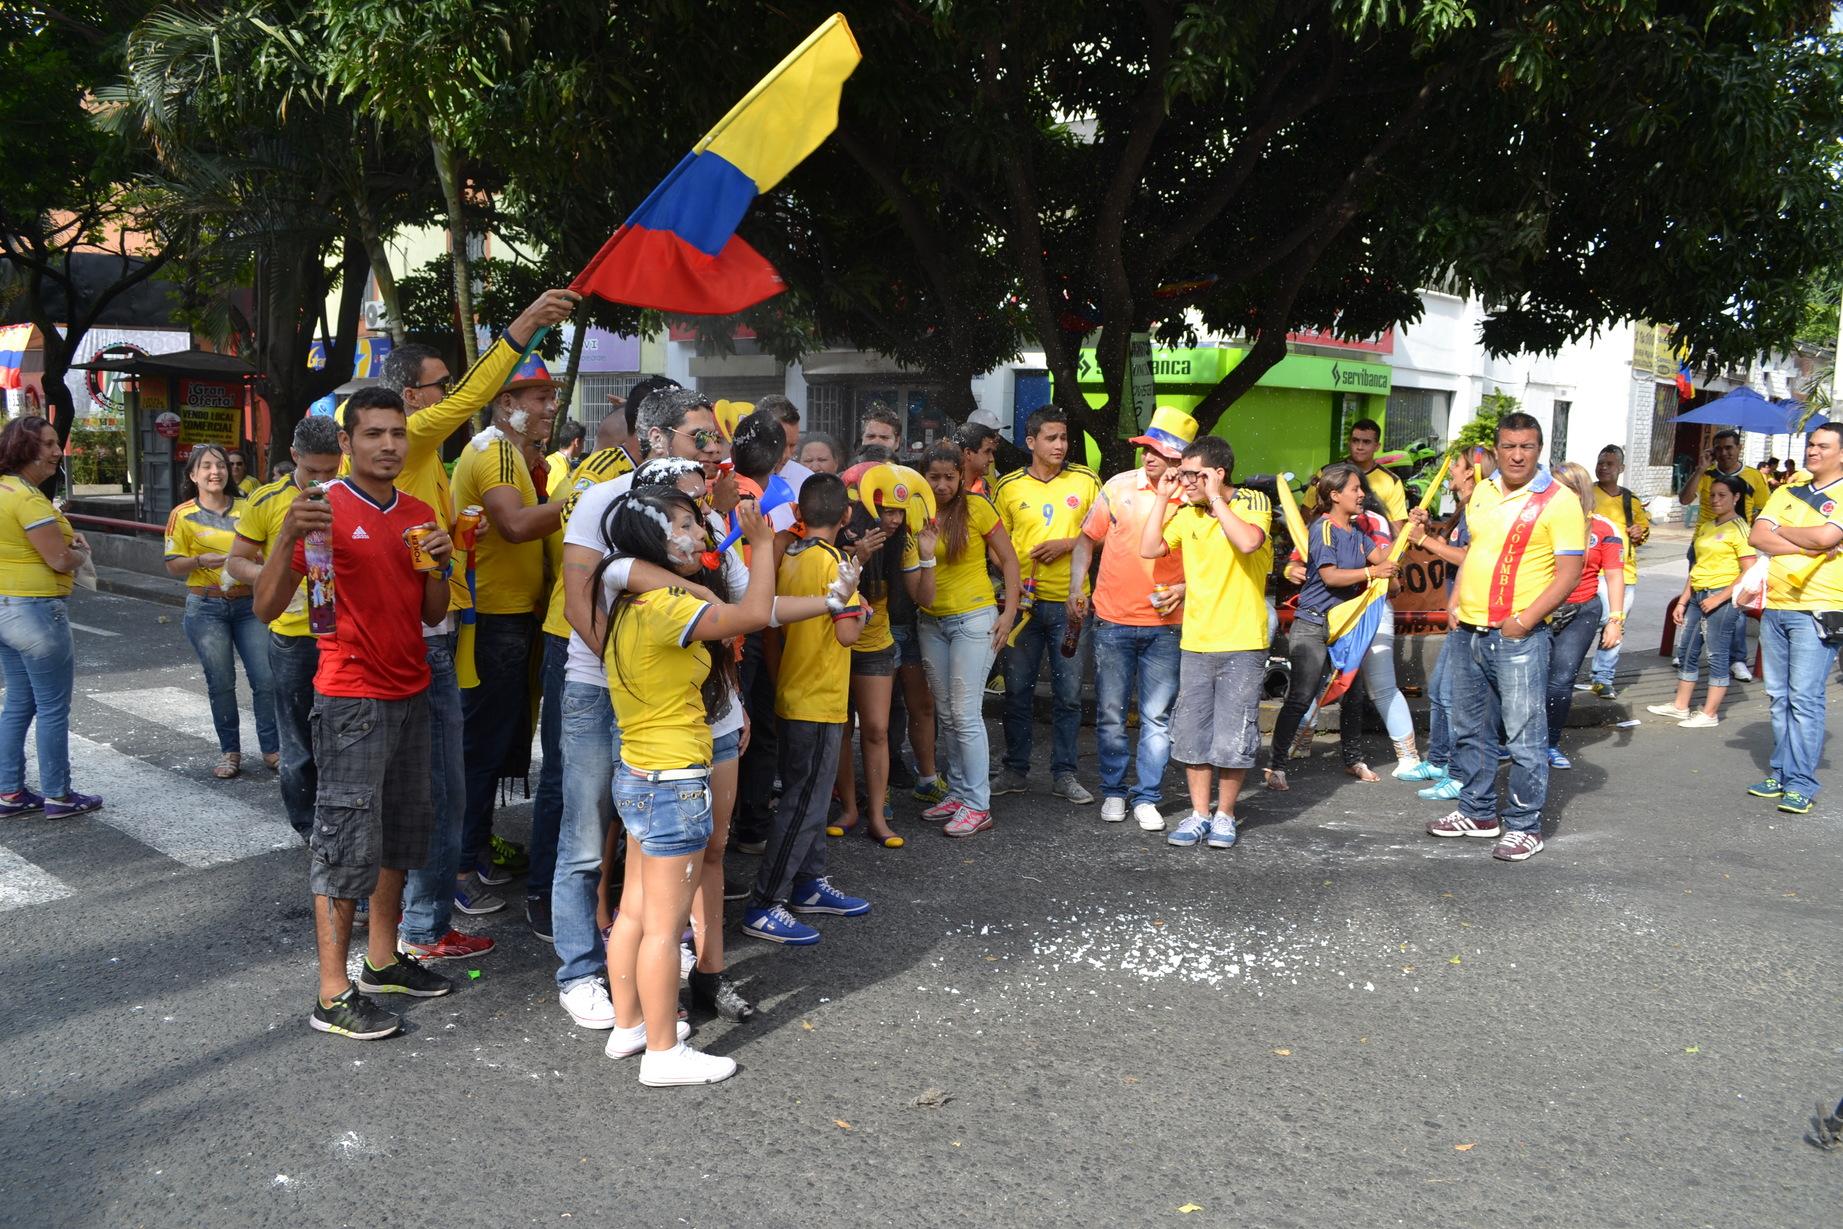 Mundial w Kolumbii czas rozpocząć